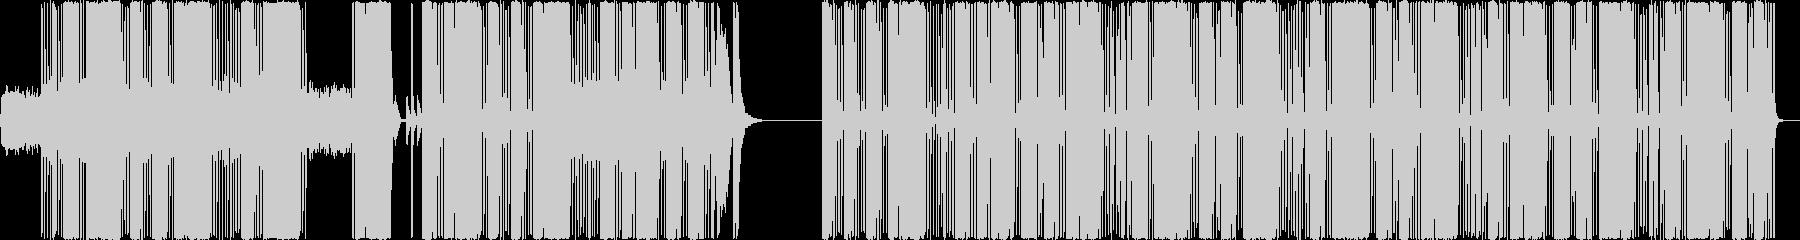 シンセとリズムマシーンのシリアスな曲の未再生の波形